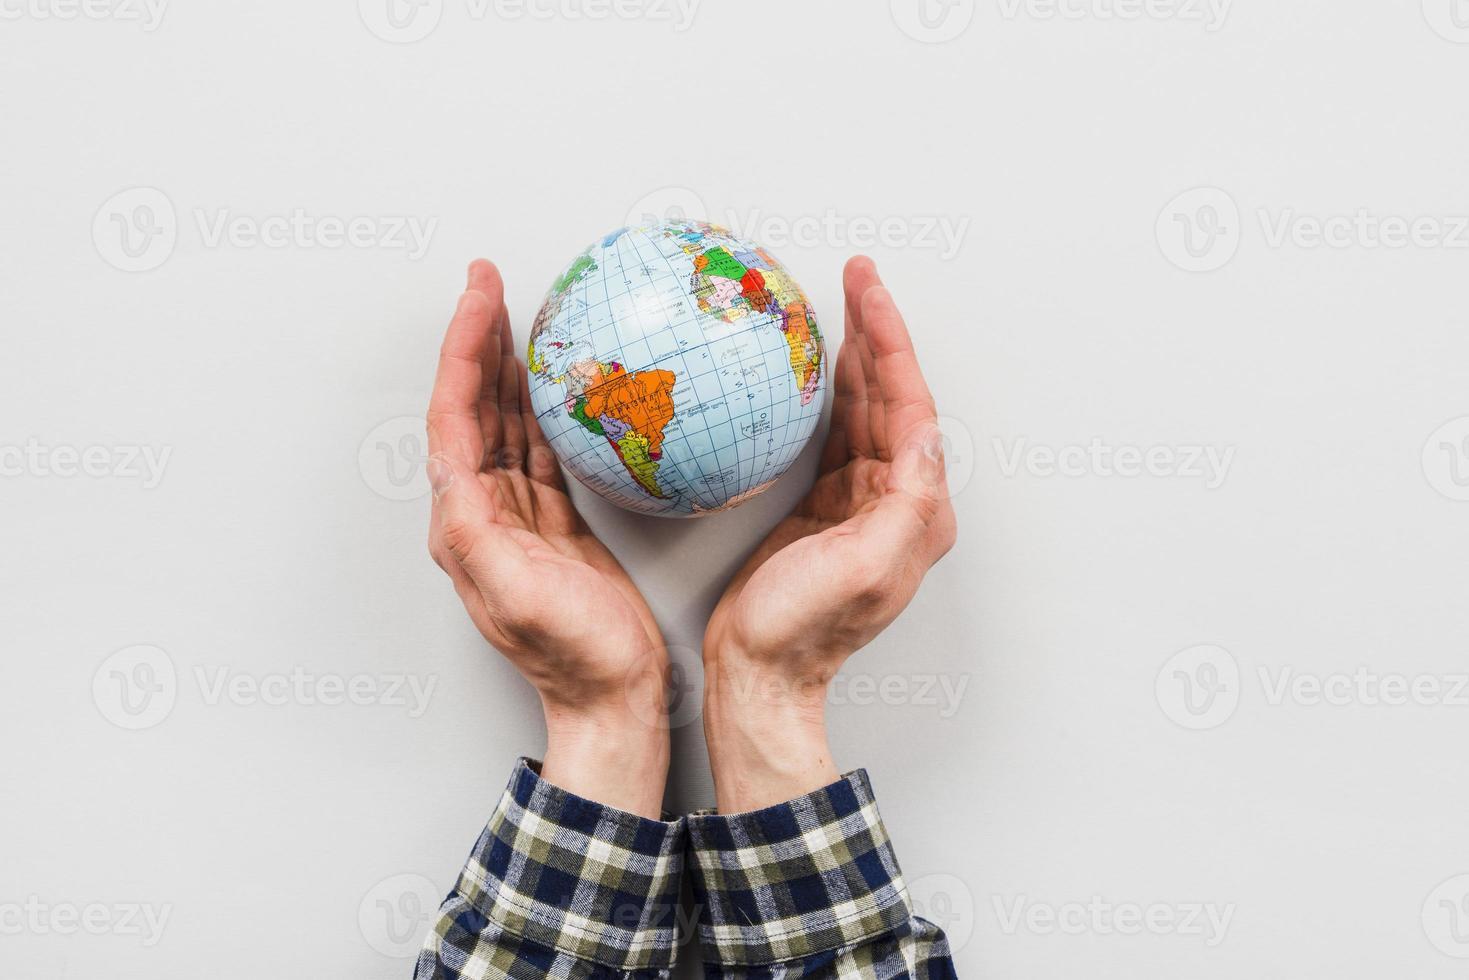 globo terrestre rodeado por mãos sobre fundo branco foto